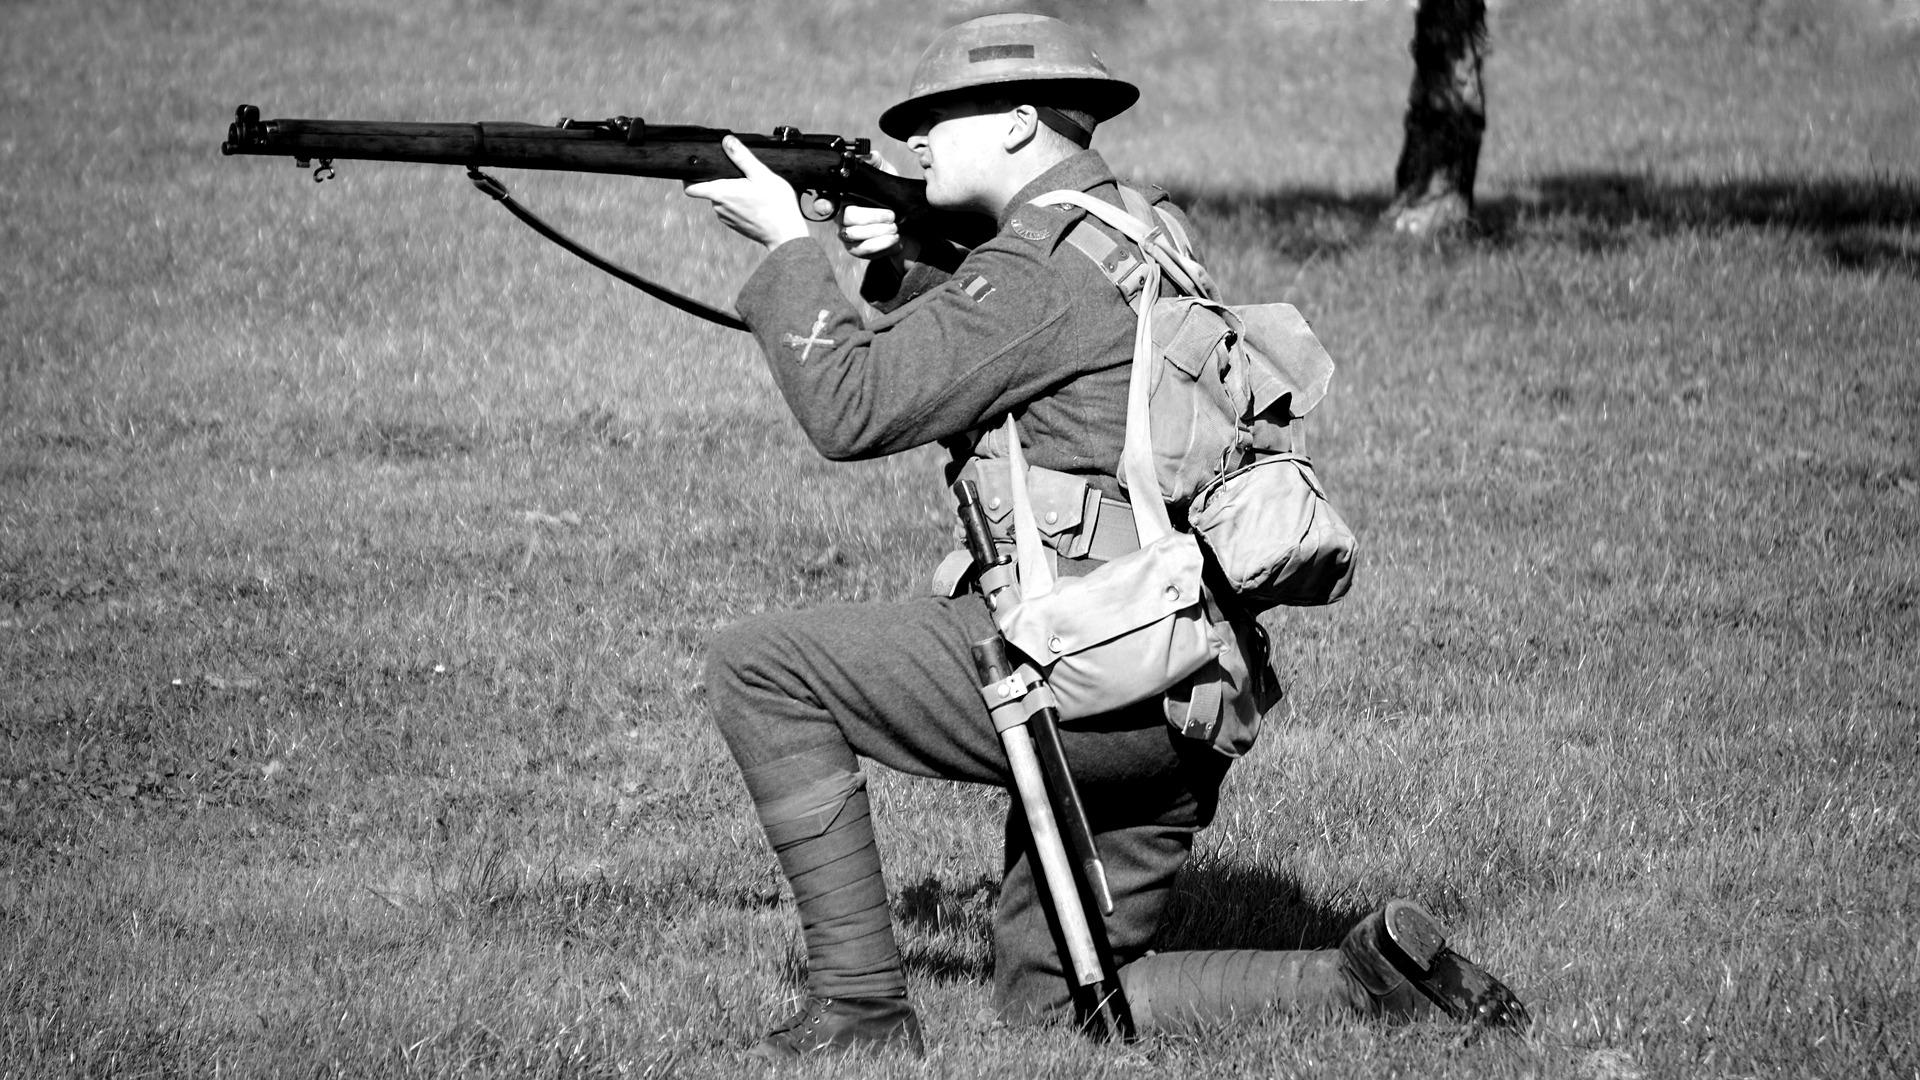 soldier-1720126_1920